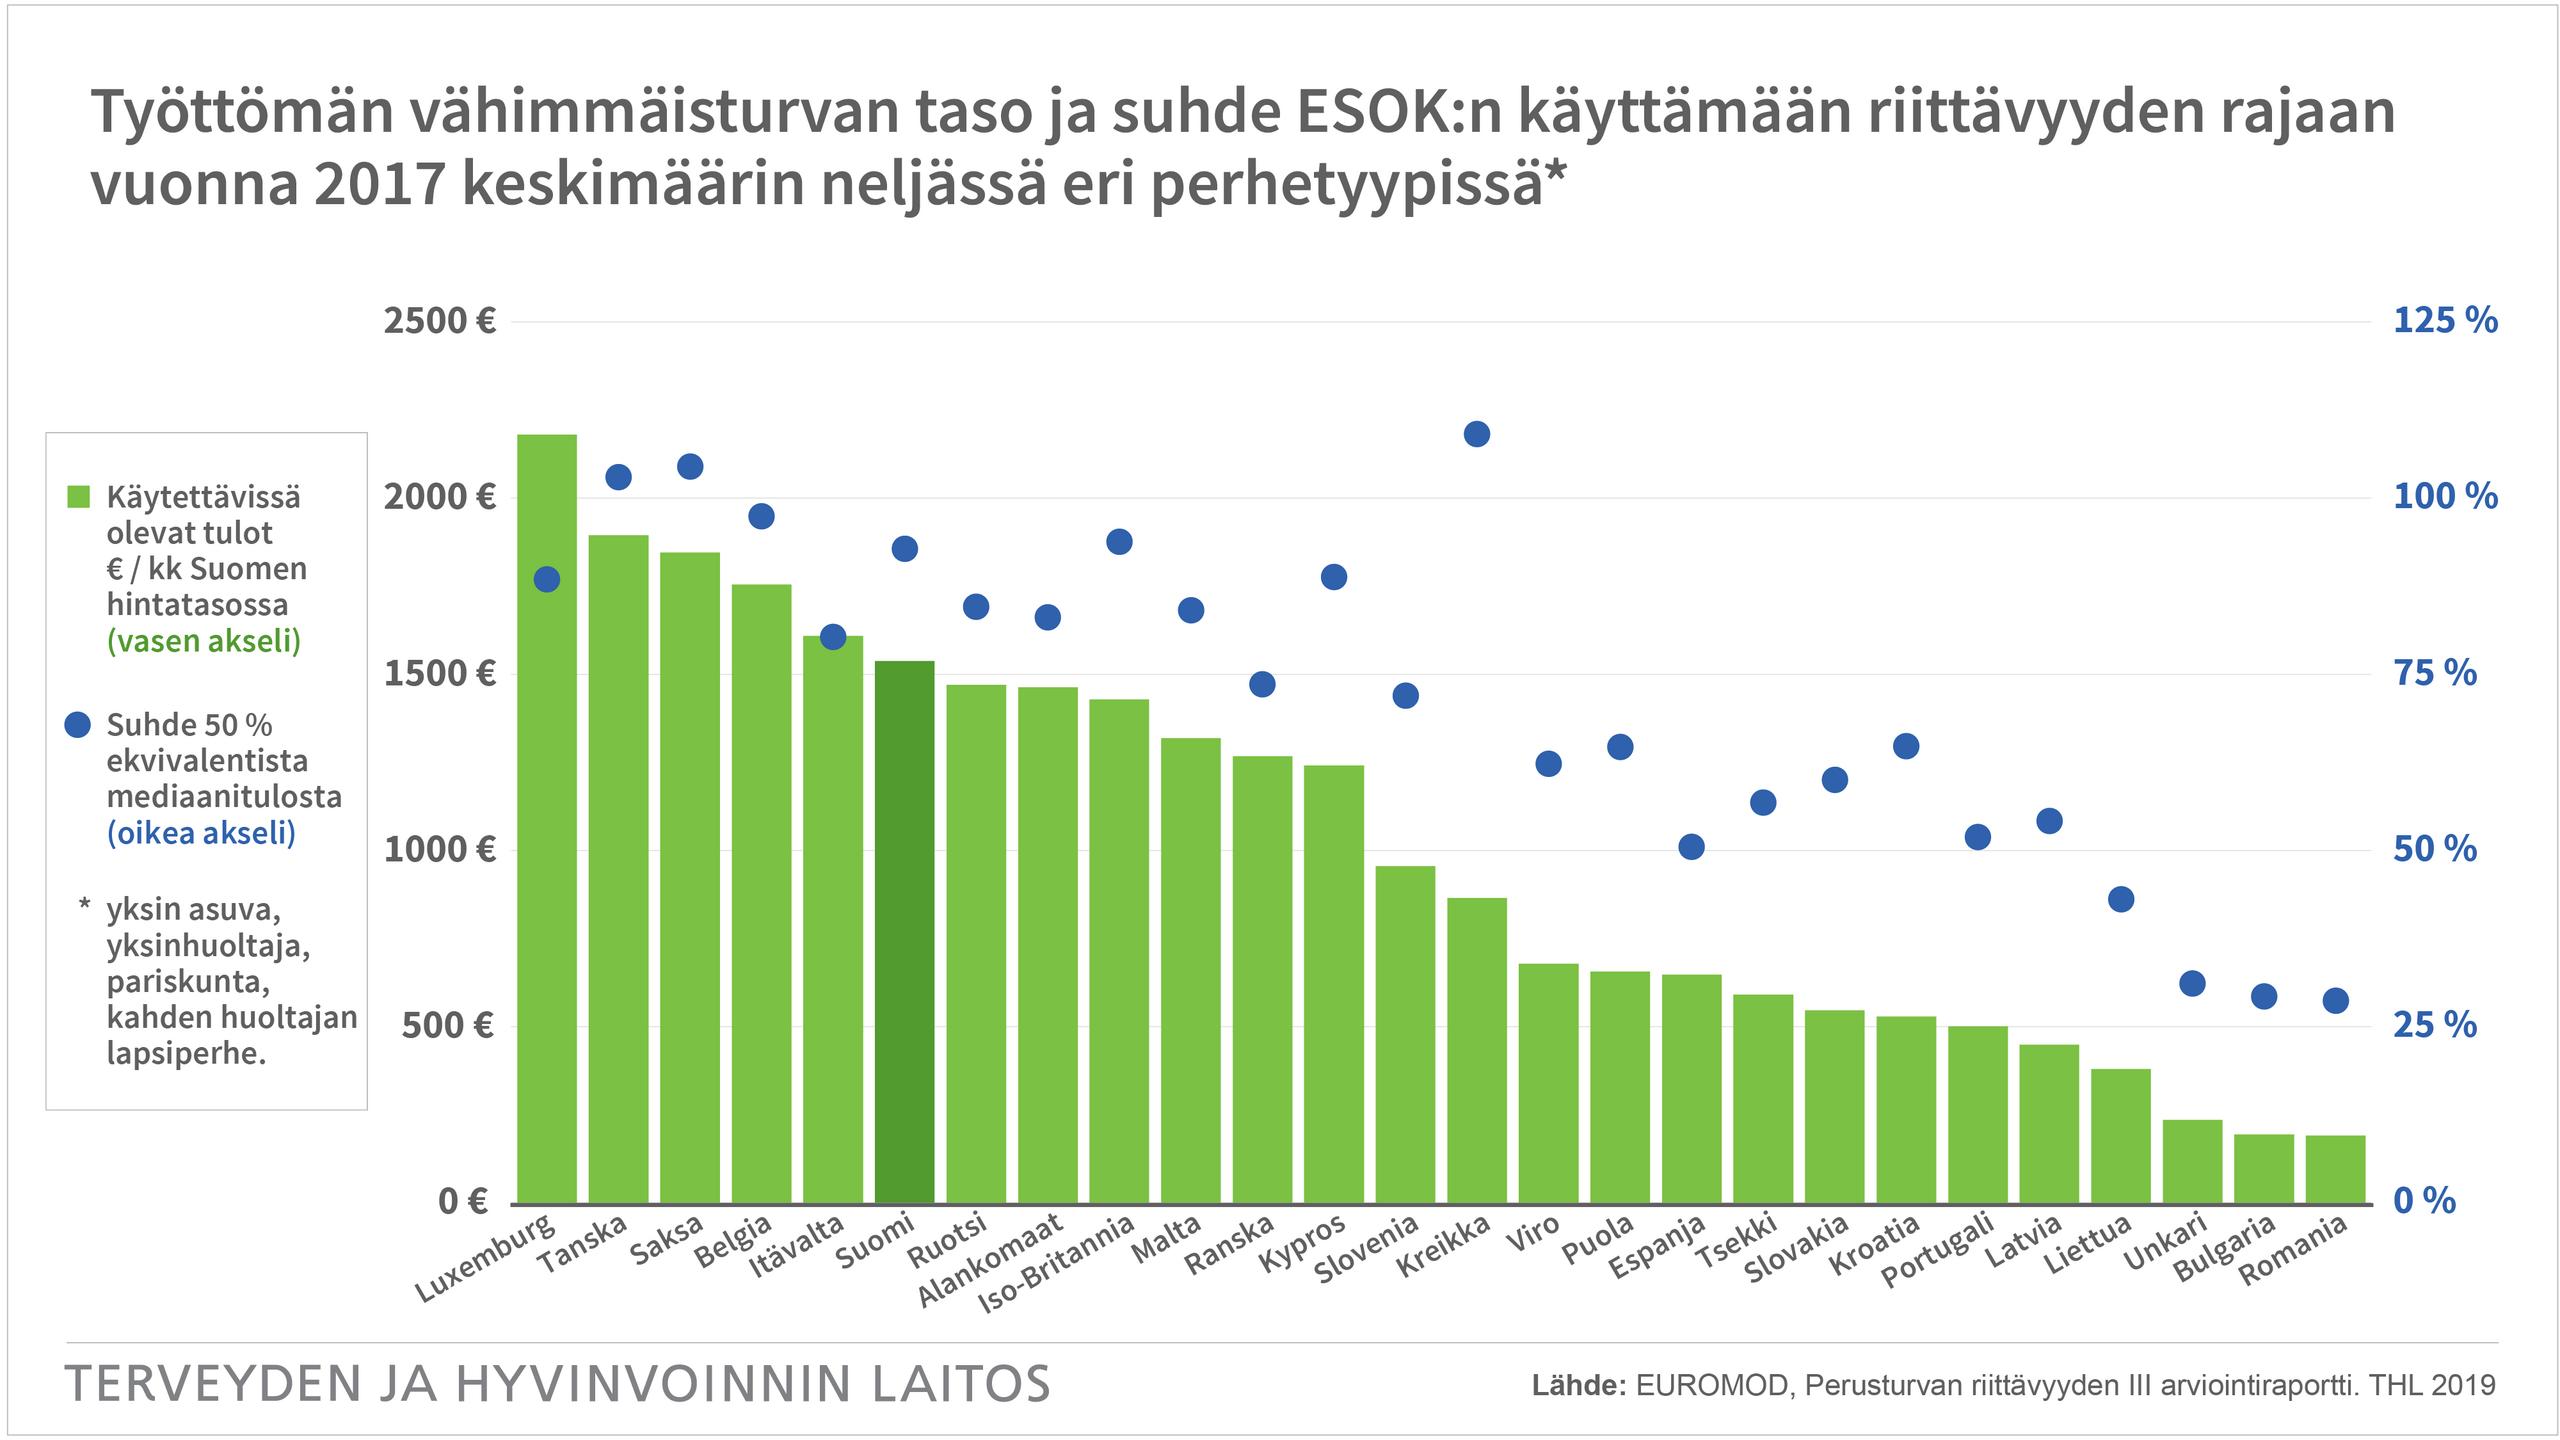 Työttömän vähimmäisturvan taso ja suhde ESOK:n käyttämään riittävyyden rajaan vuonna 2017 keskimäärin neljässä eri perhetyypissä (yksin asuva, yksinhuoltaja, pariskunta, kahden huoltajan lapsiperhe). Lähde: EUROMOD, omat laskelmat, Perusturvan riittävyyden III arviointiraportti.